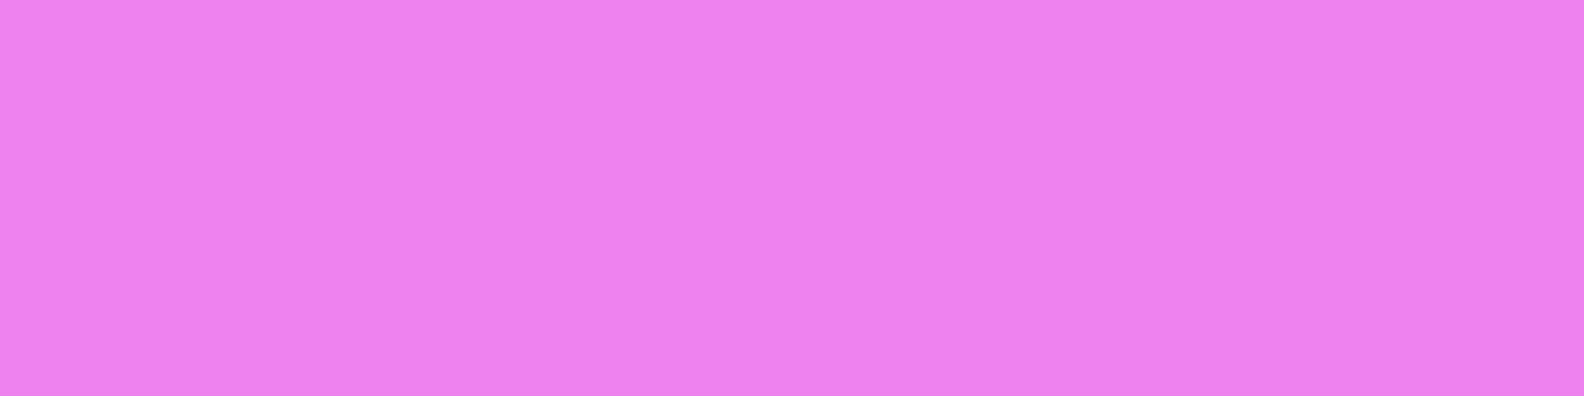 1584x396 Lavender Magenta Solid Color Background